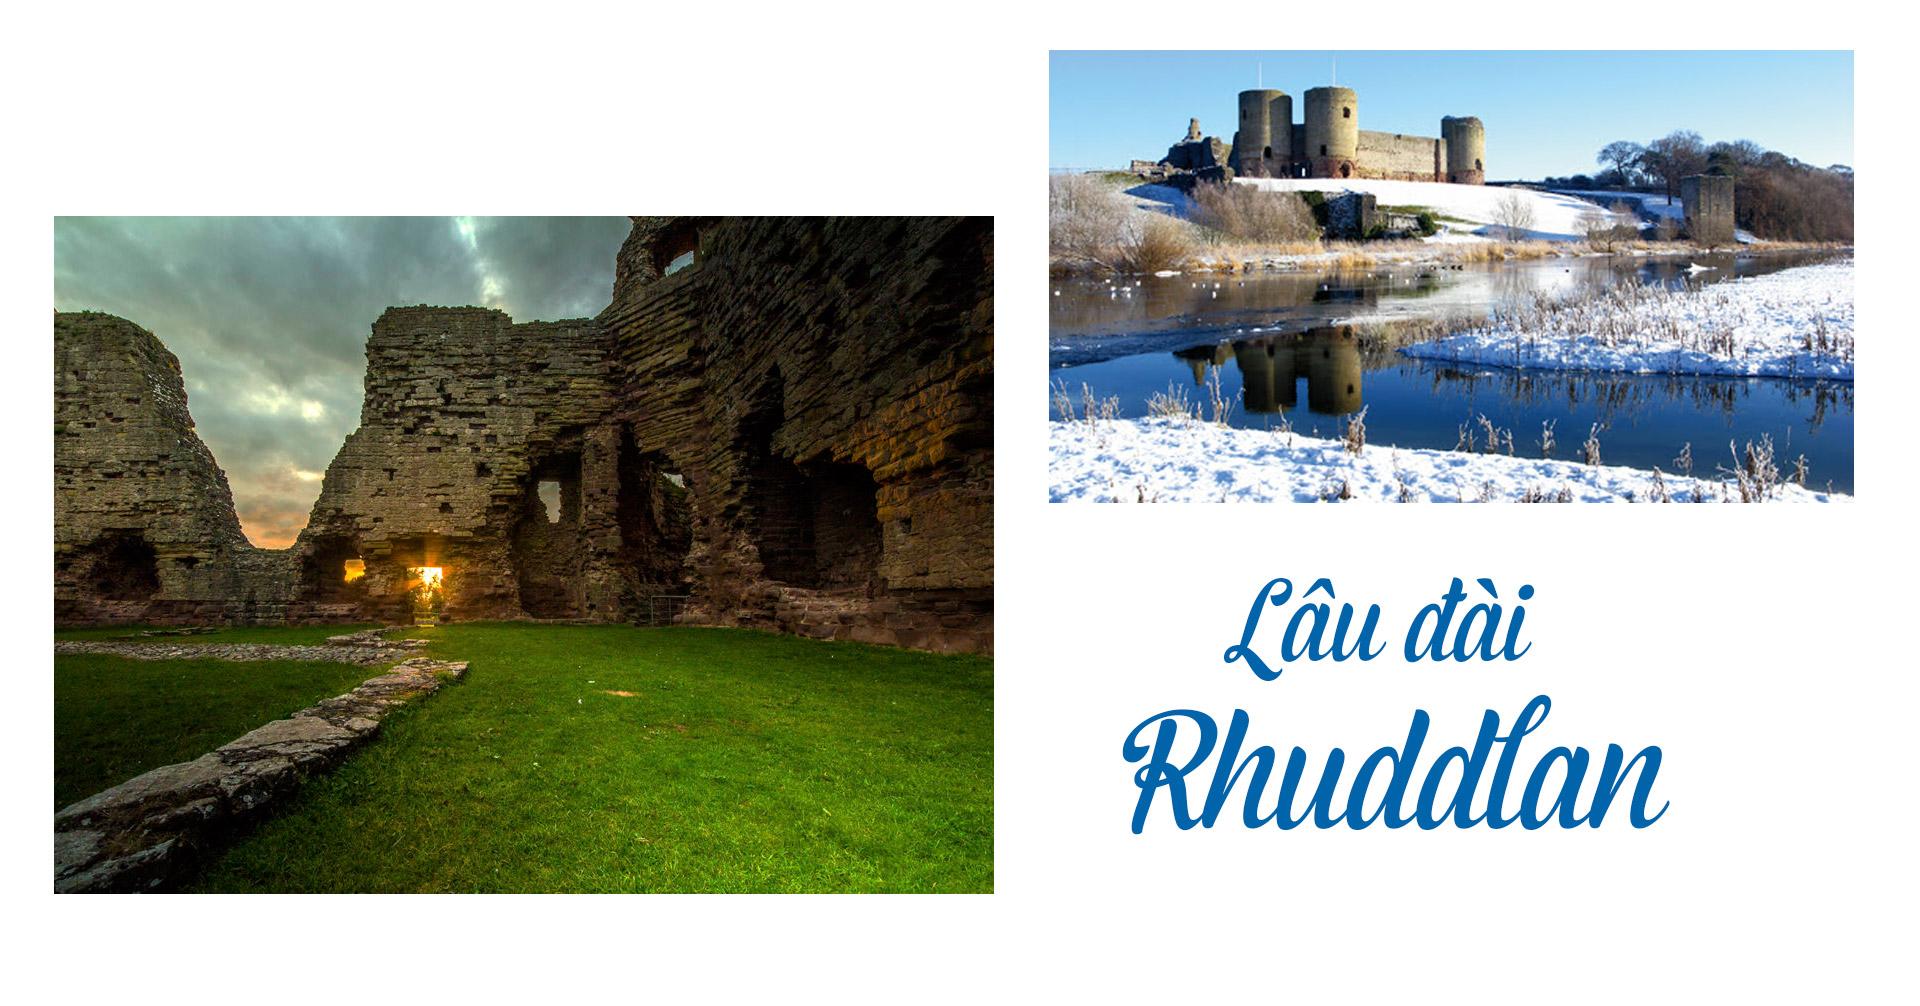 17 lâu đài cổ tích châu Âu đáng đến thăm vào mùa đông - 11